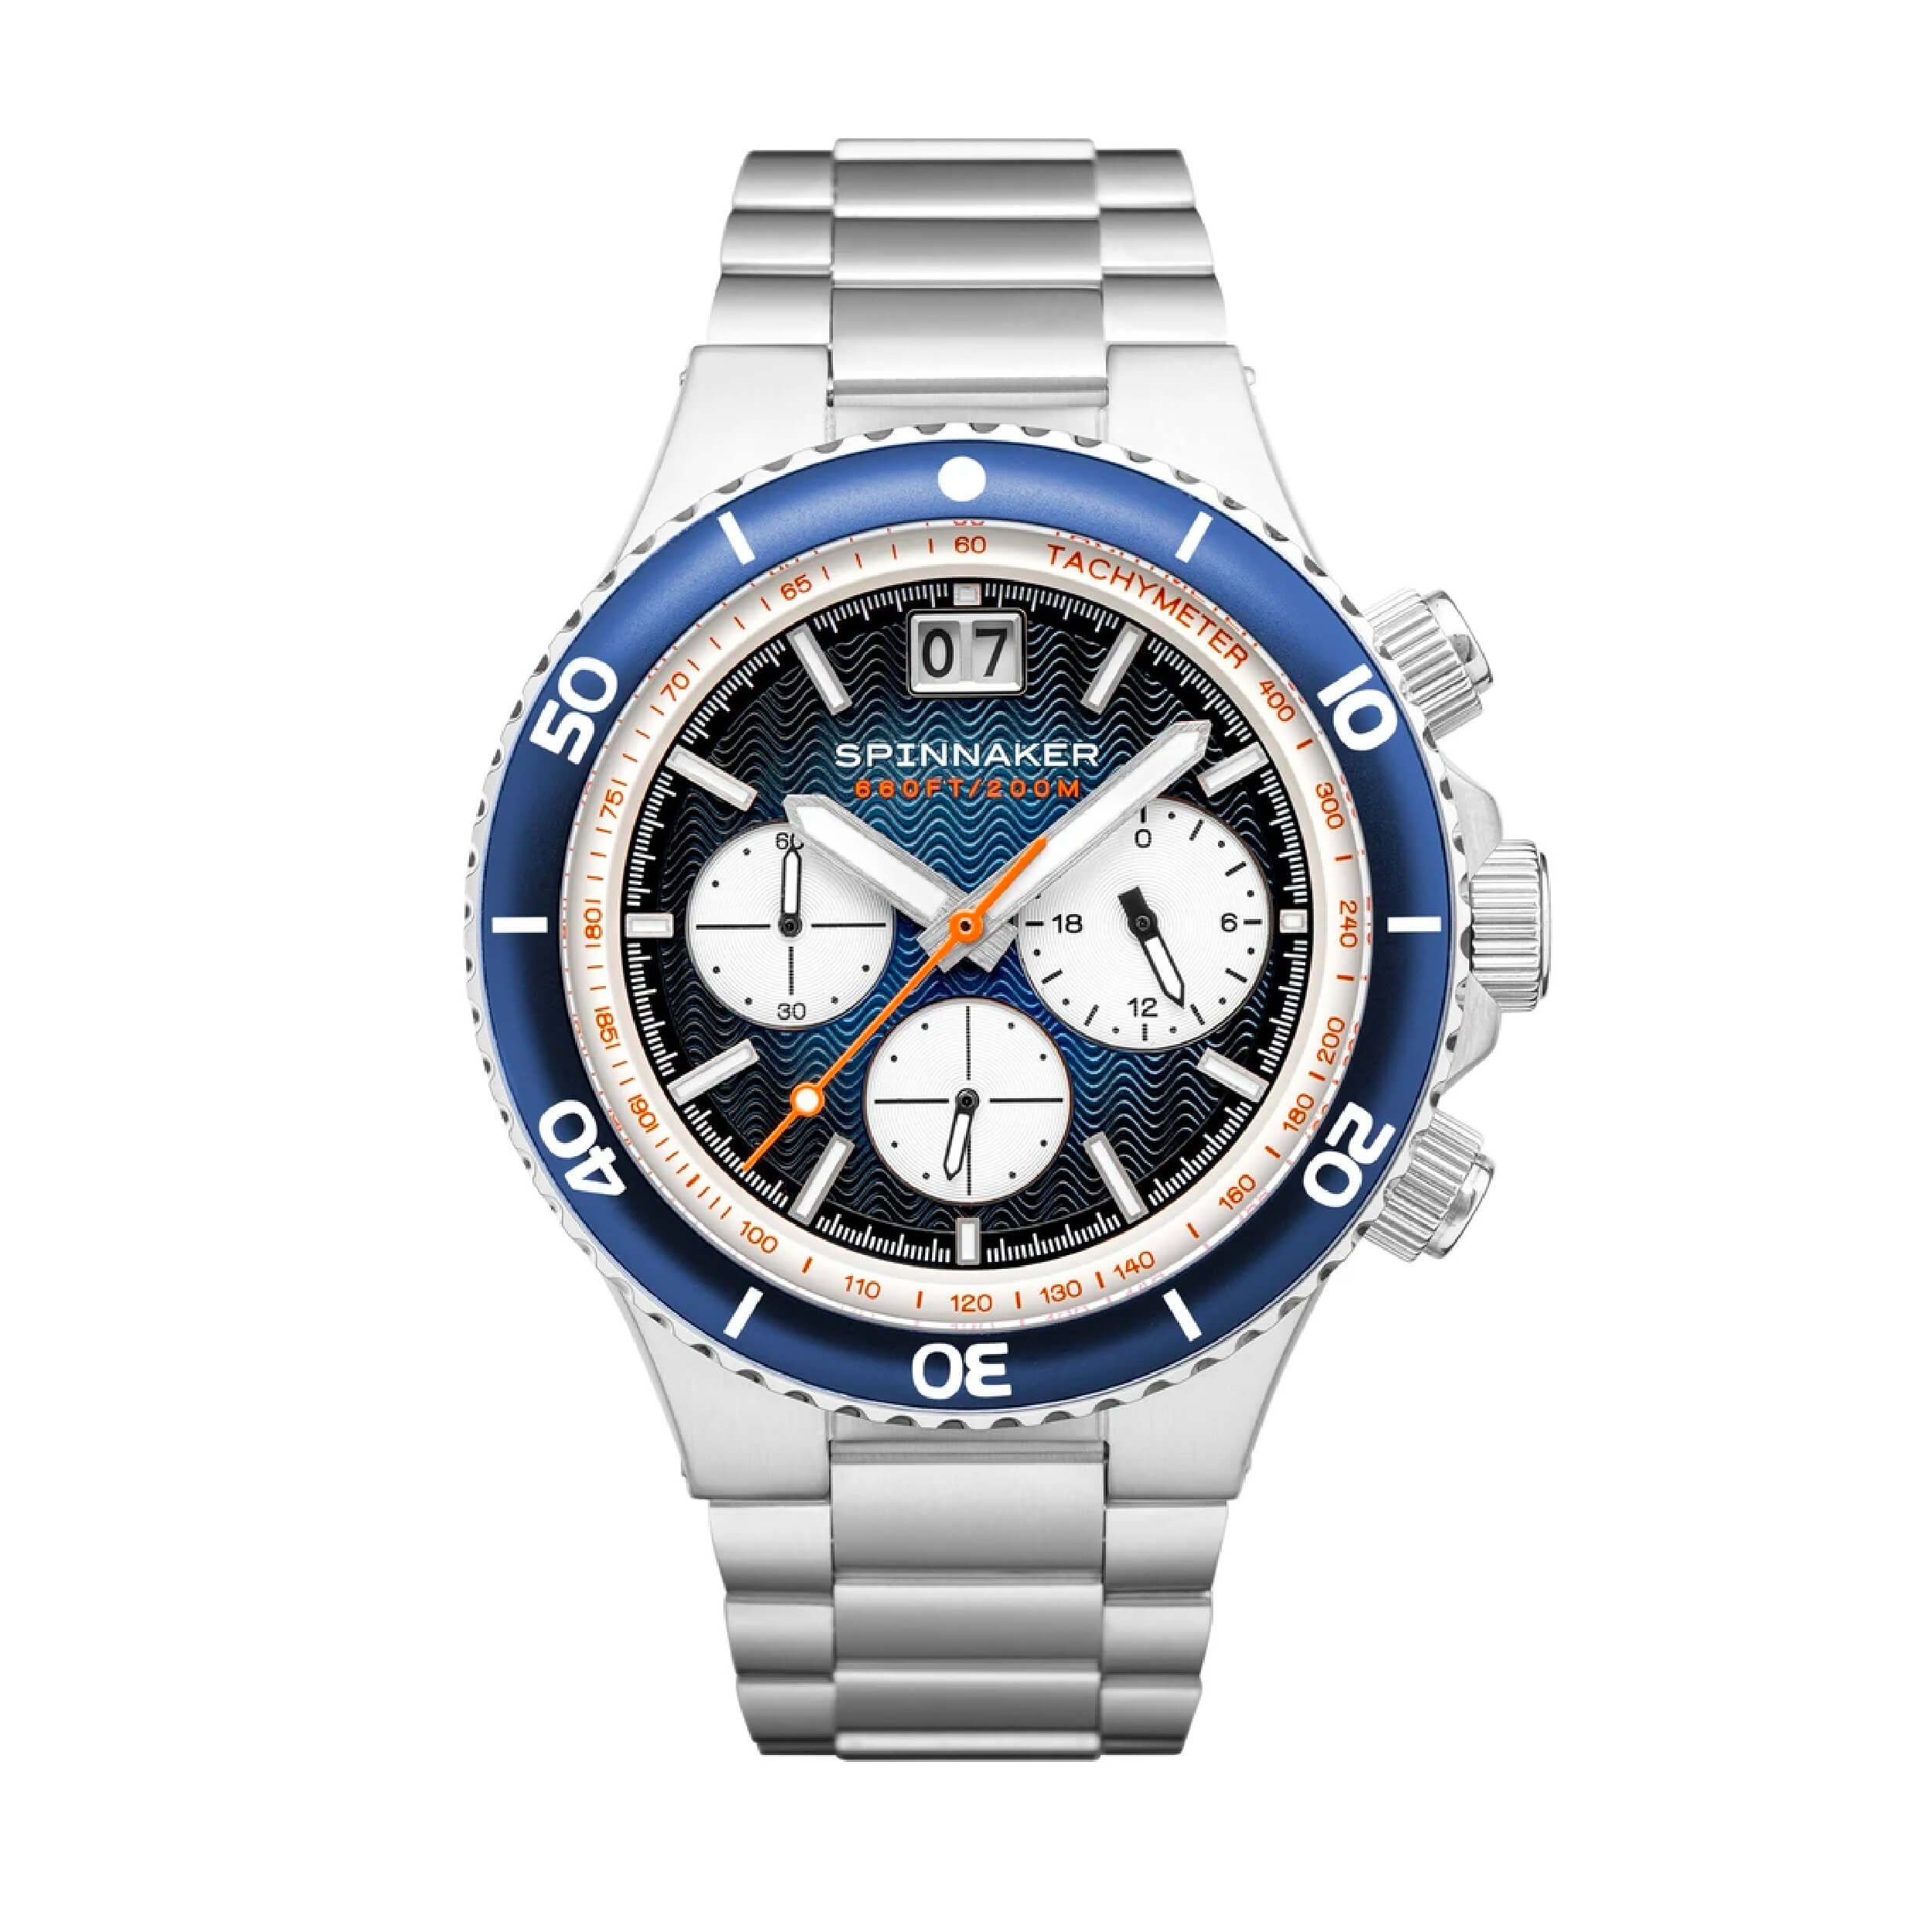 Spinnaker Hydrofoil | Best Chronograph Watch Under £500